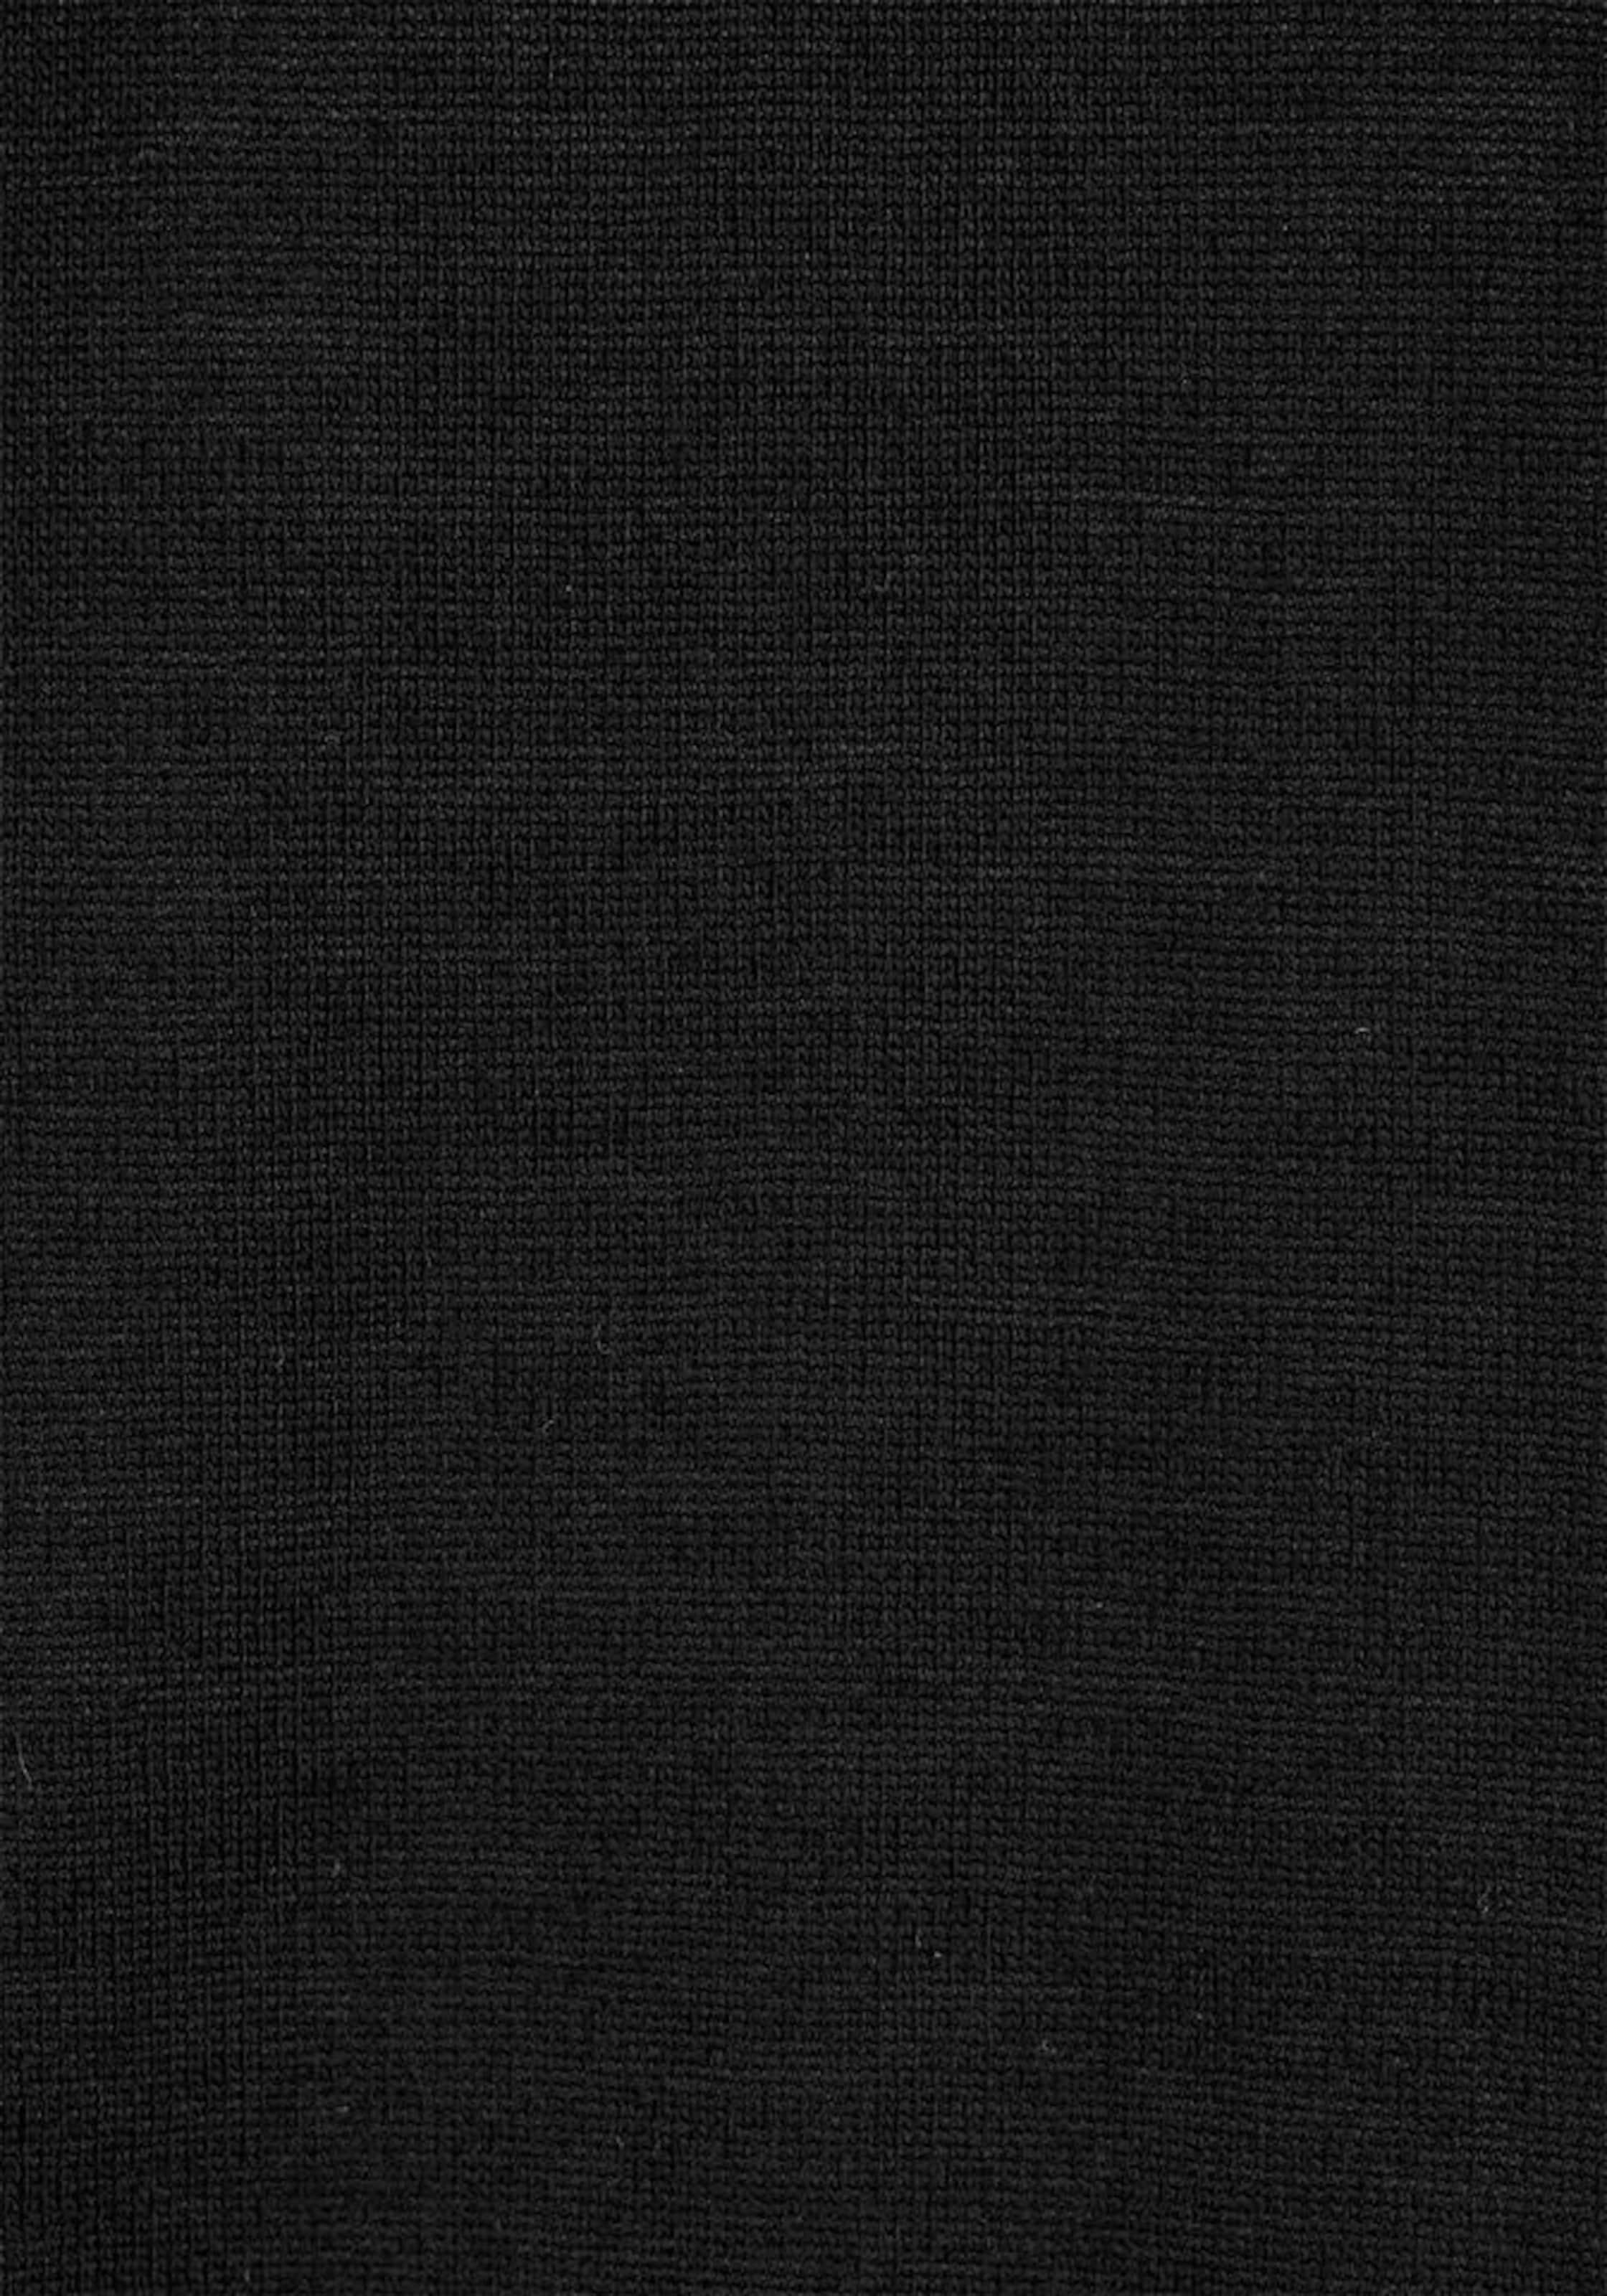 s.Oliver RED LABEL Beachwear Strandshirt Verkauf Wählen Eine Beste Günstig Kaufen Countdown-Paket Billig Verkauf In Deutschland Fachlich Die Kostenlose Versand Hochwertiger tcg8Md